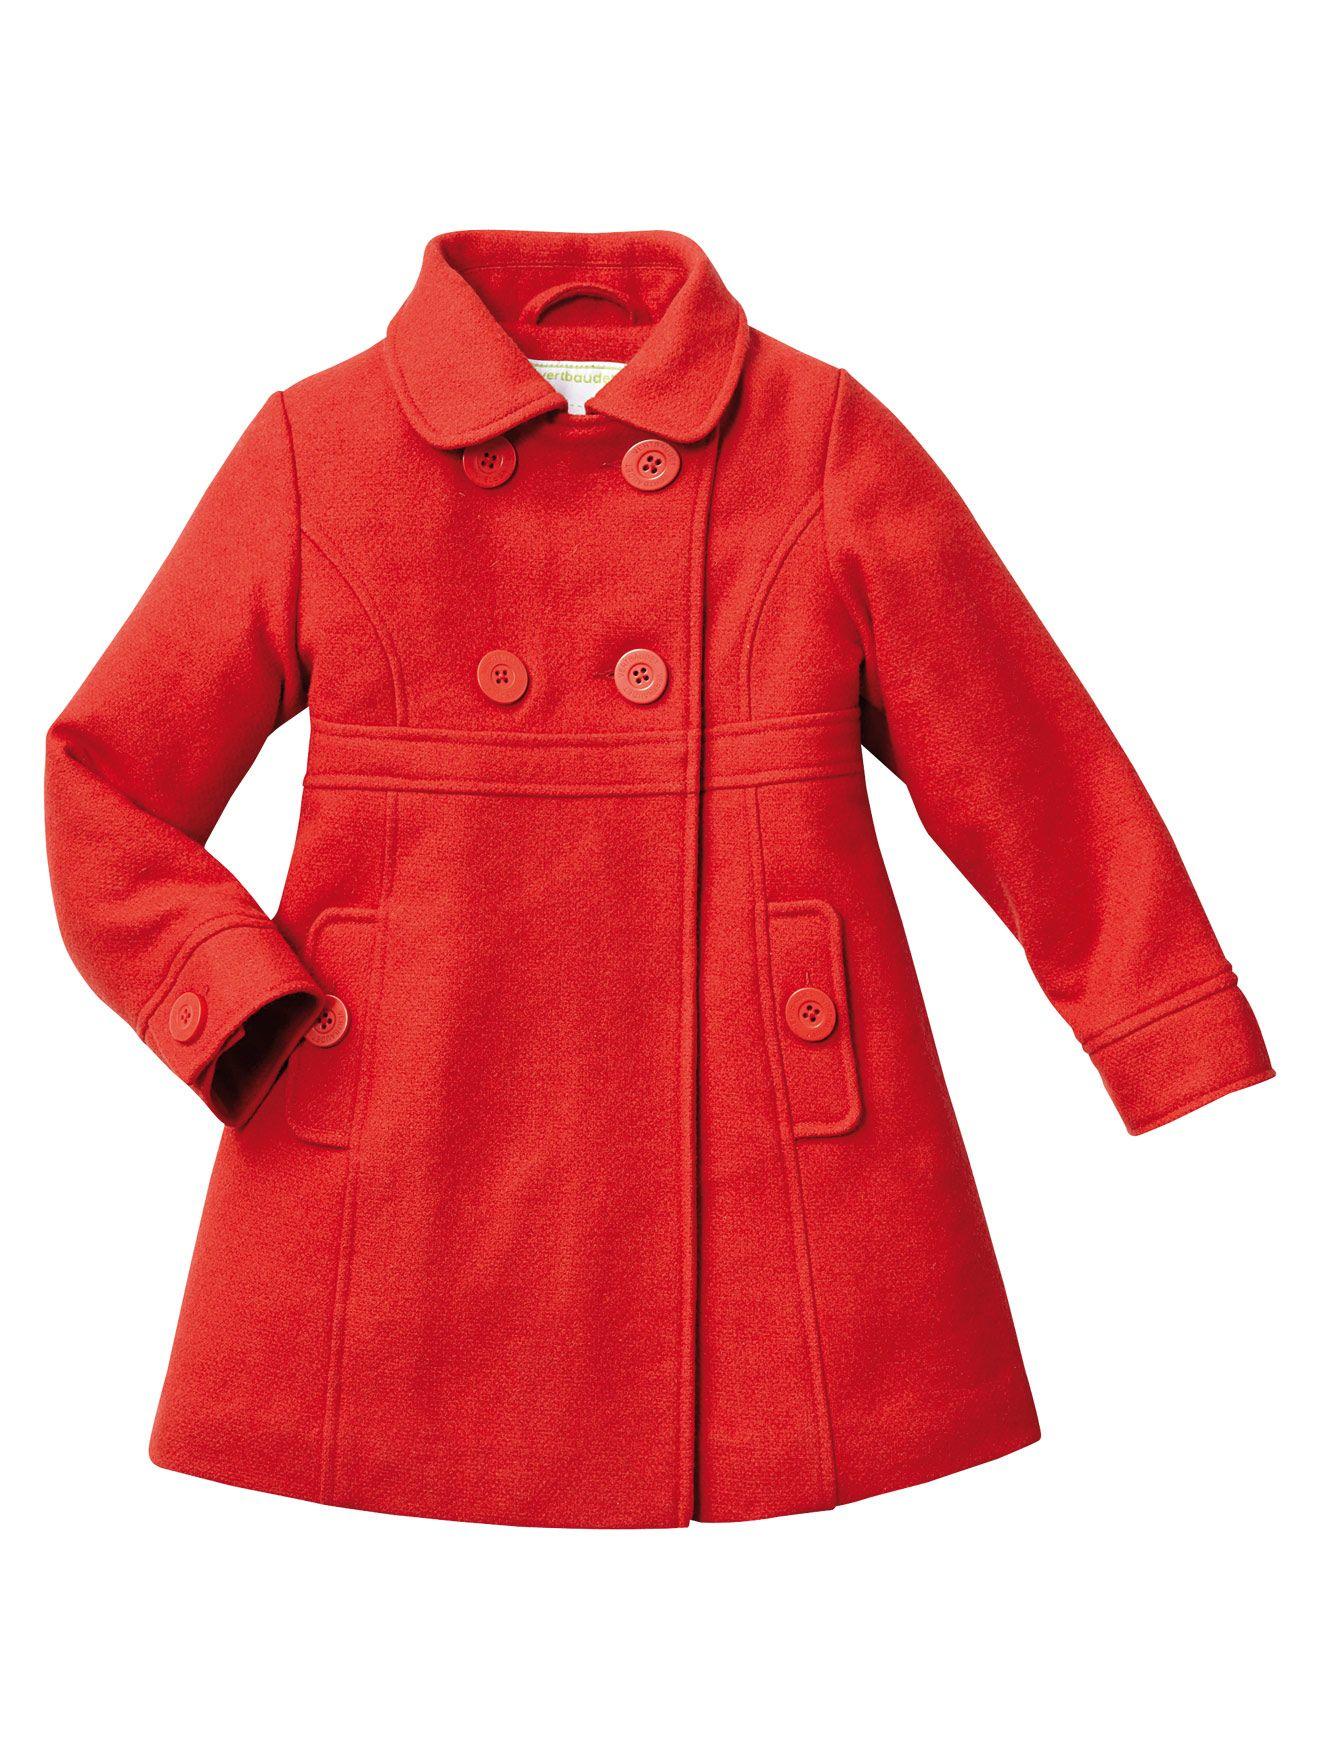 12050c529 Abrigo paño de lana Frío Moderado niña 2 a 14 años, Niña | Niños ...